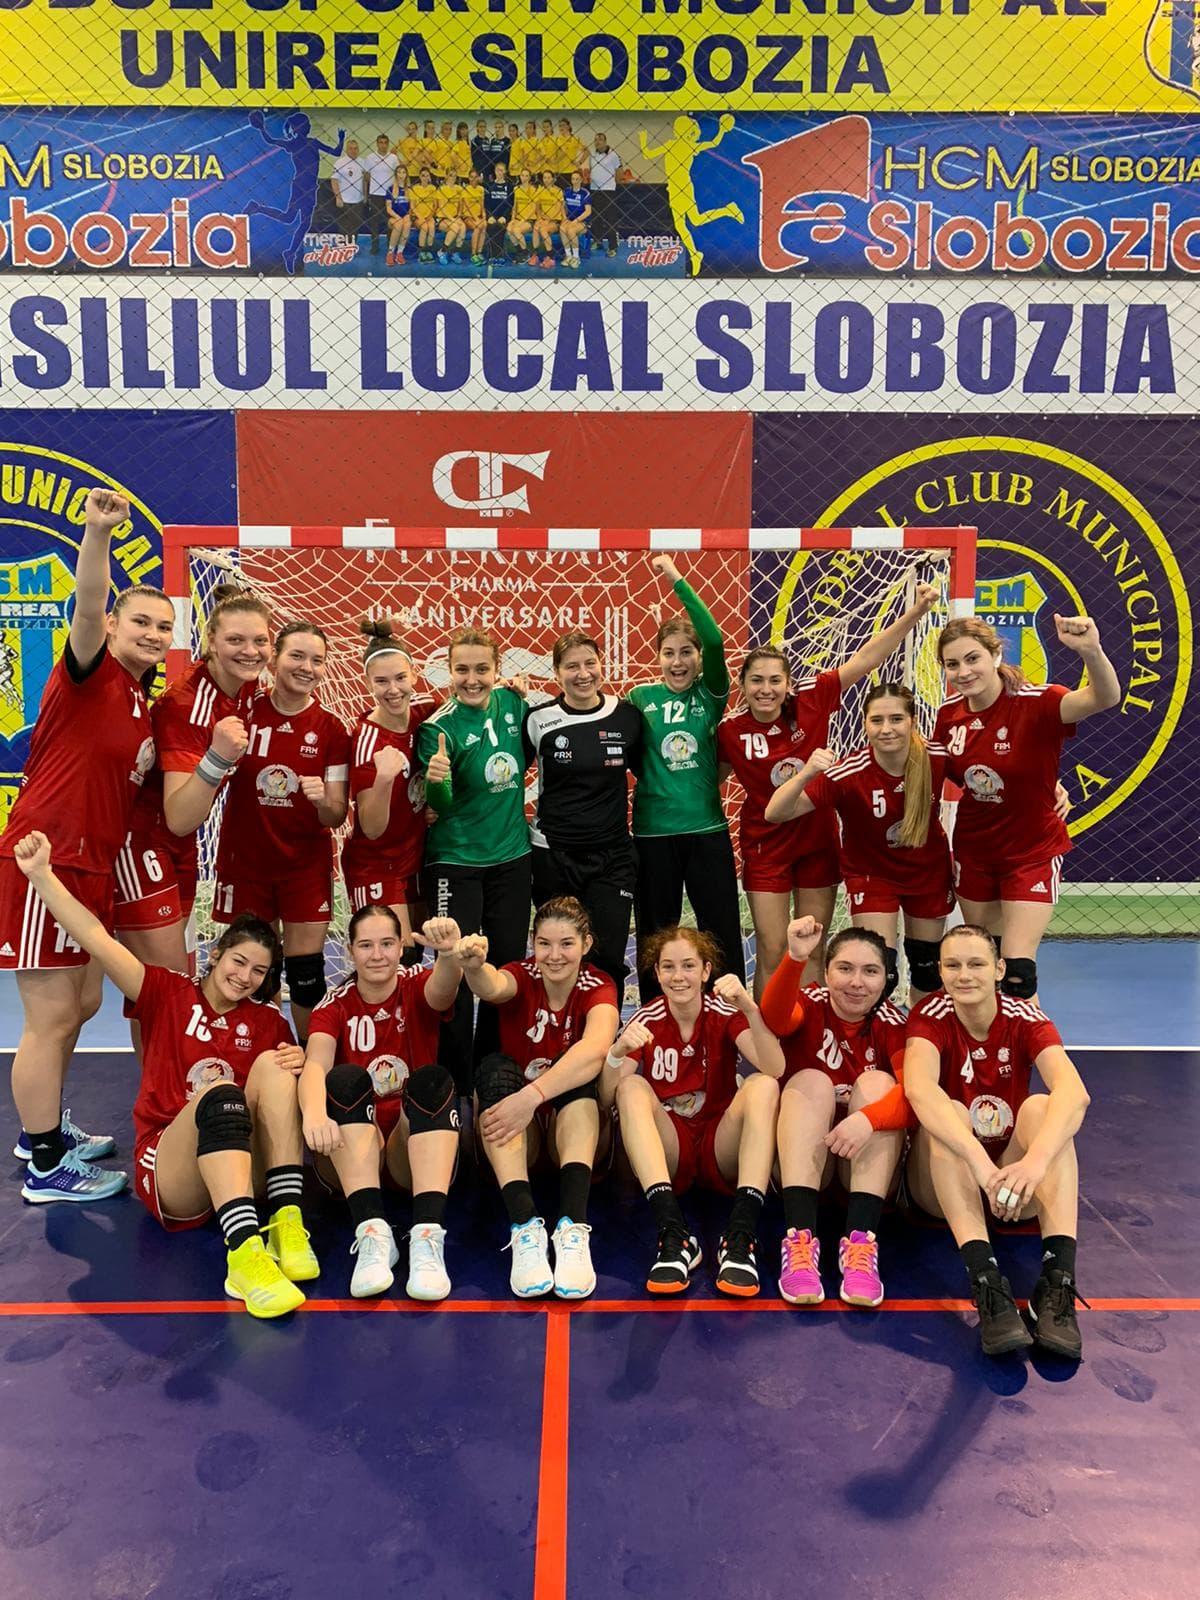 Centrul Național câștigă jocurile de la Slobozia și urcă pe locul 2 în Seria C din Divizia A